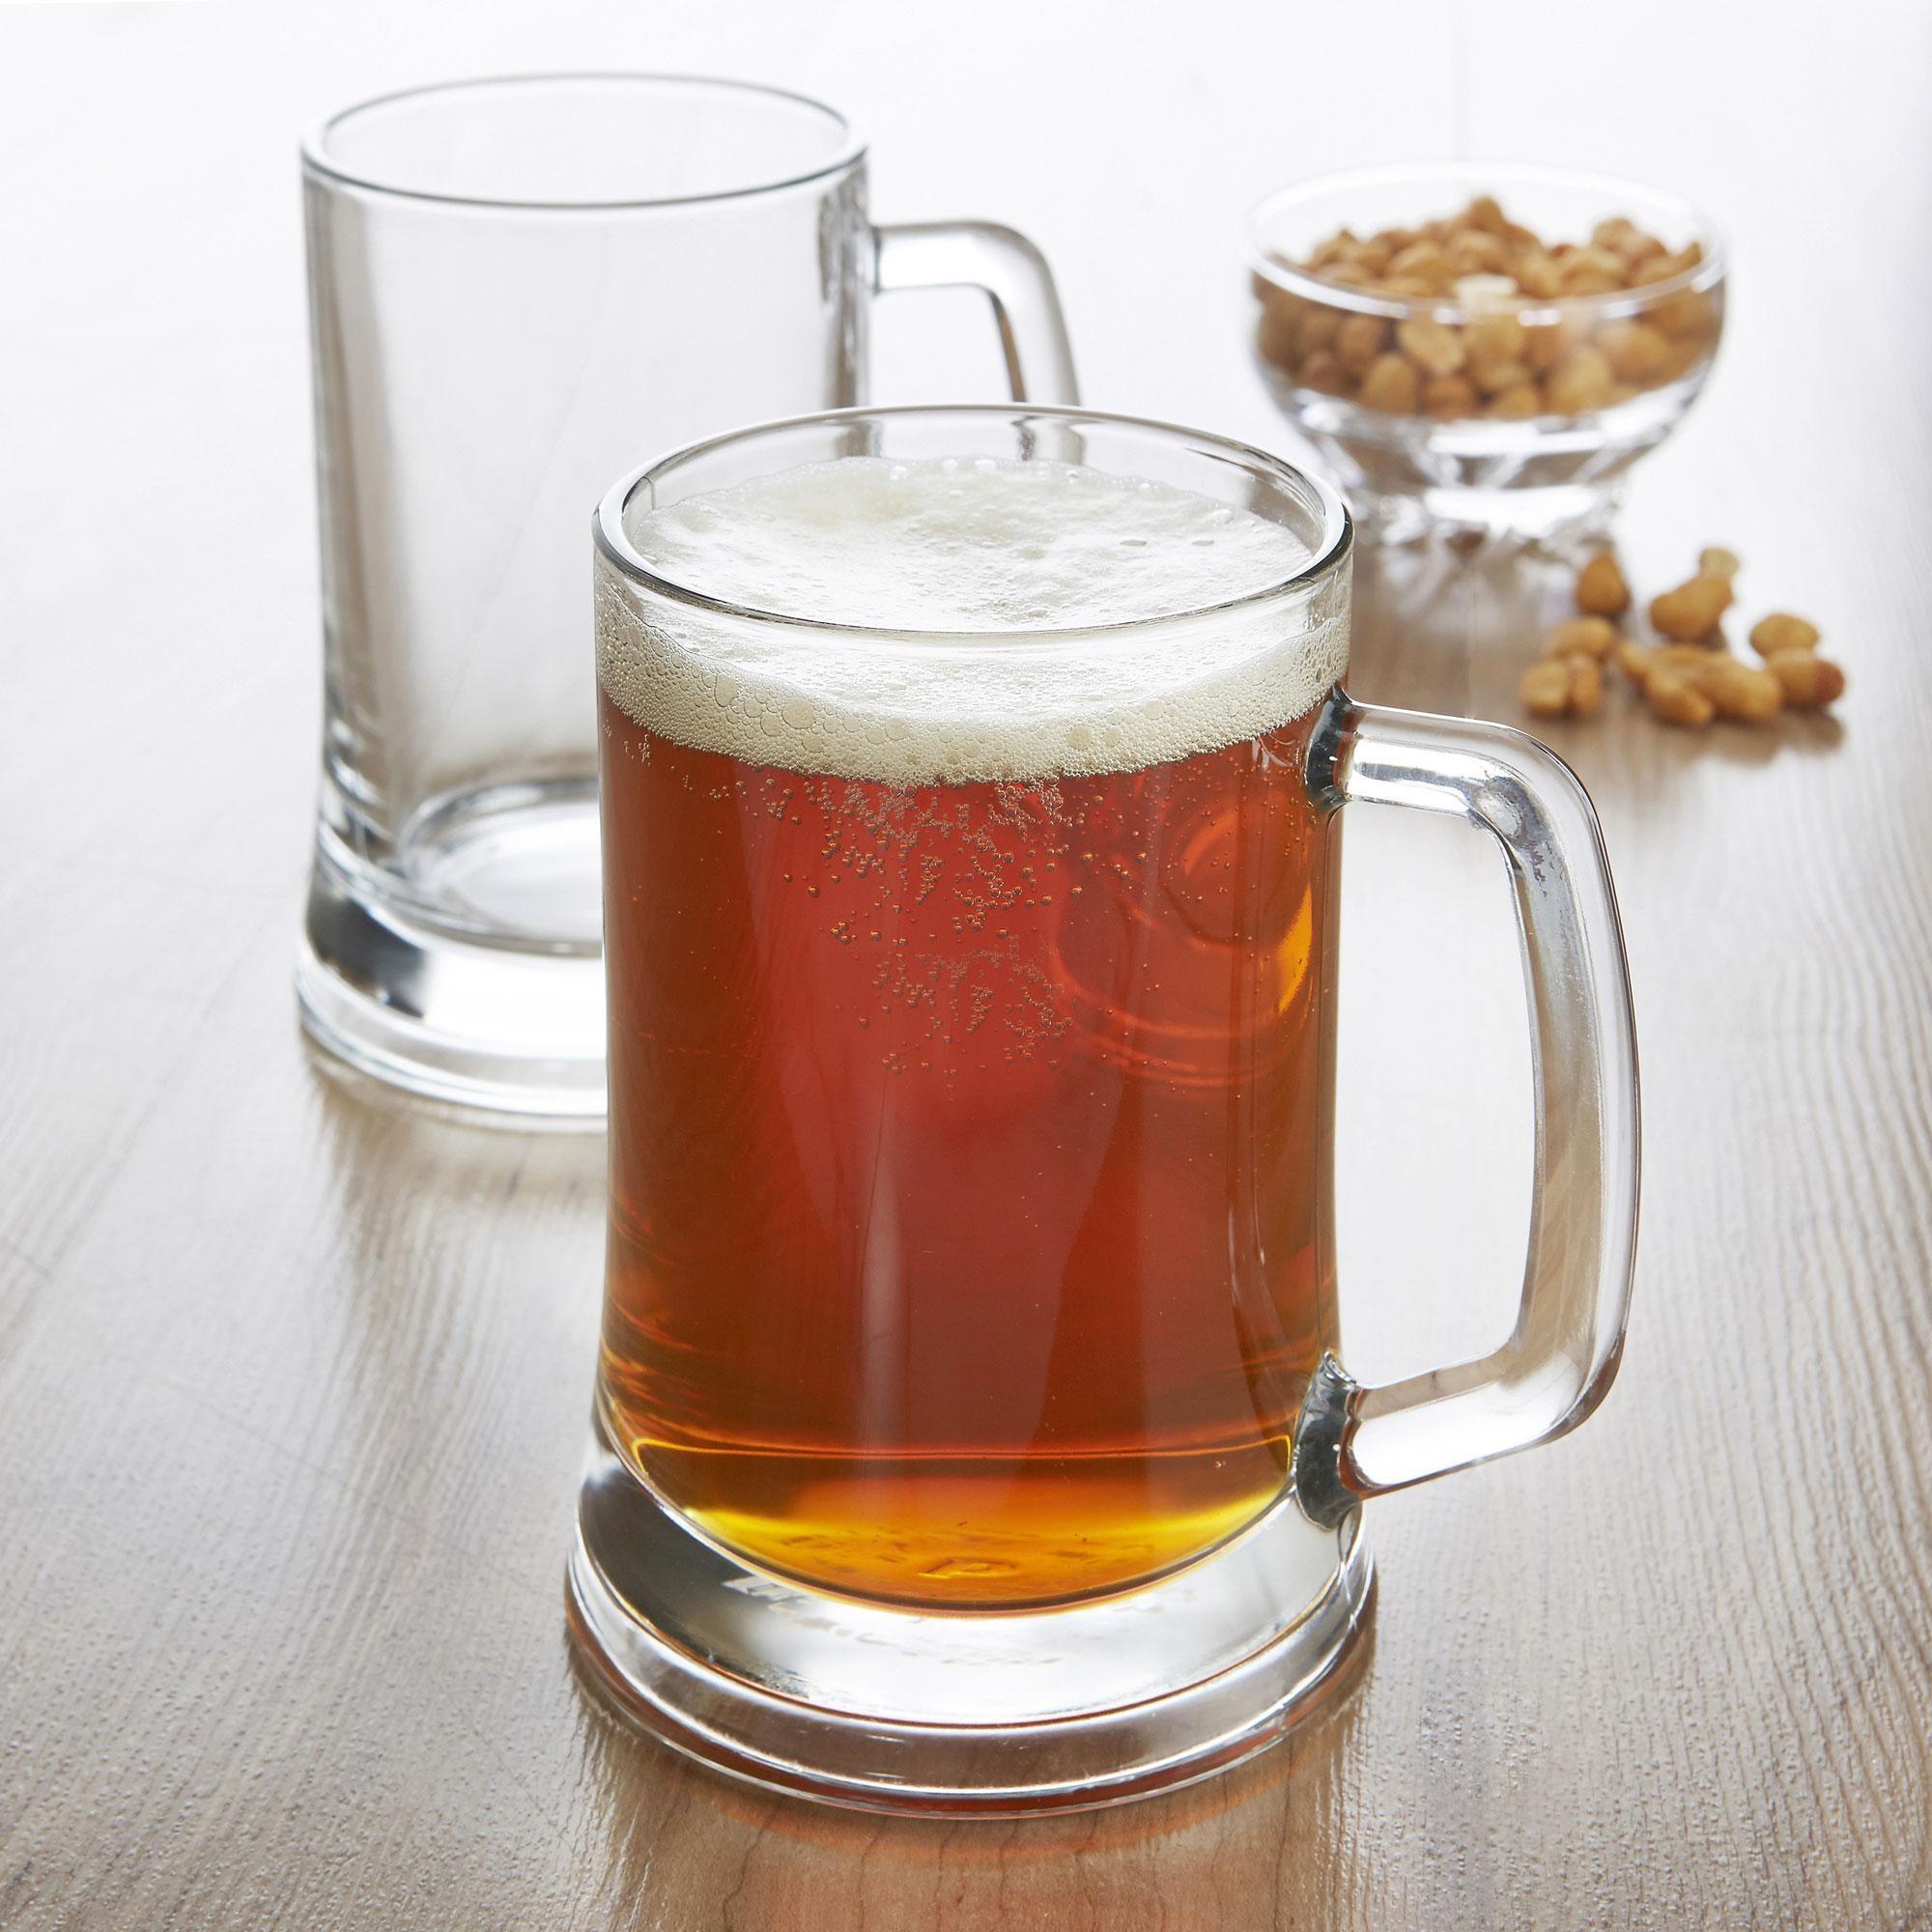 circleware tavern glass beer mugs huge 22. Black Bedroom Furniture Sets. Home Design Ideas